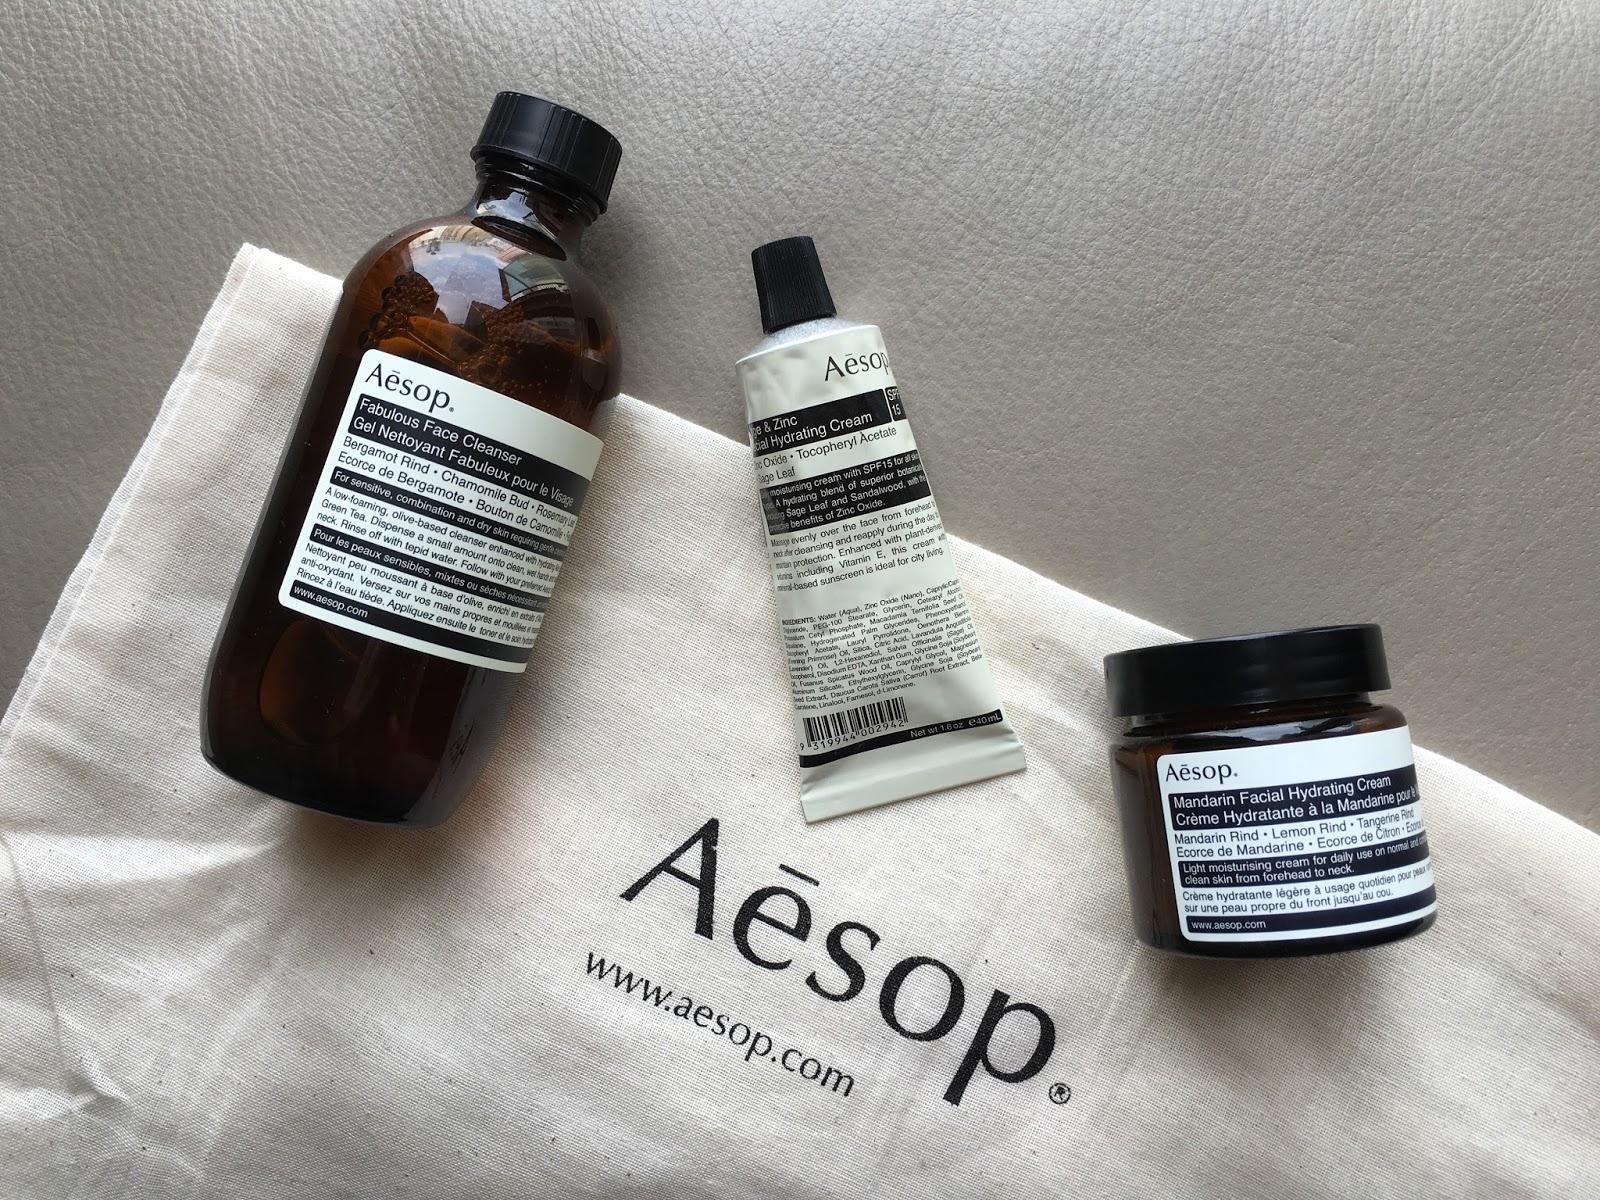 Aesop Skincare | Aesop Au | Aesop Body Care